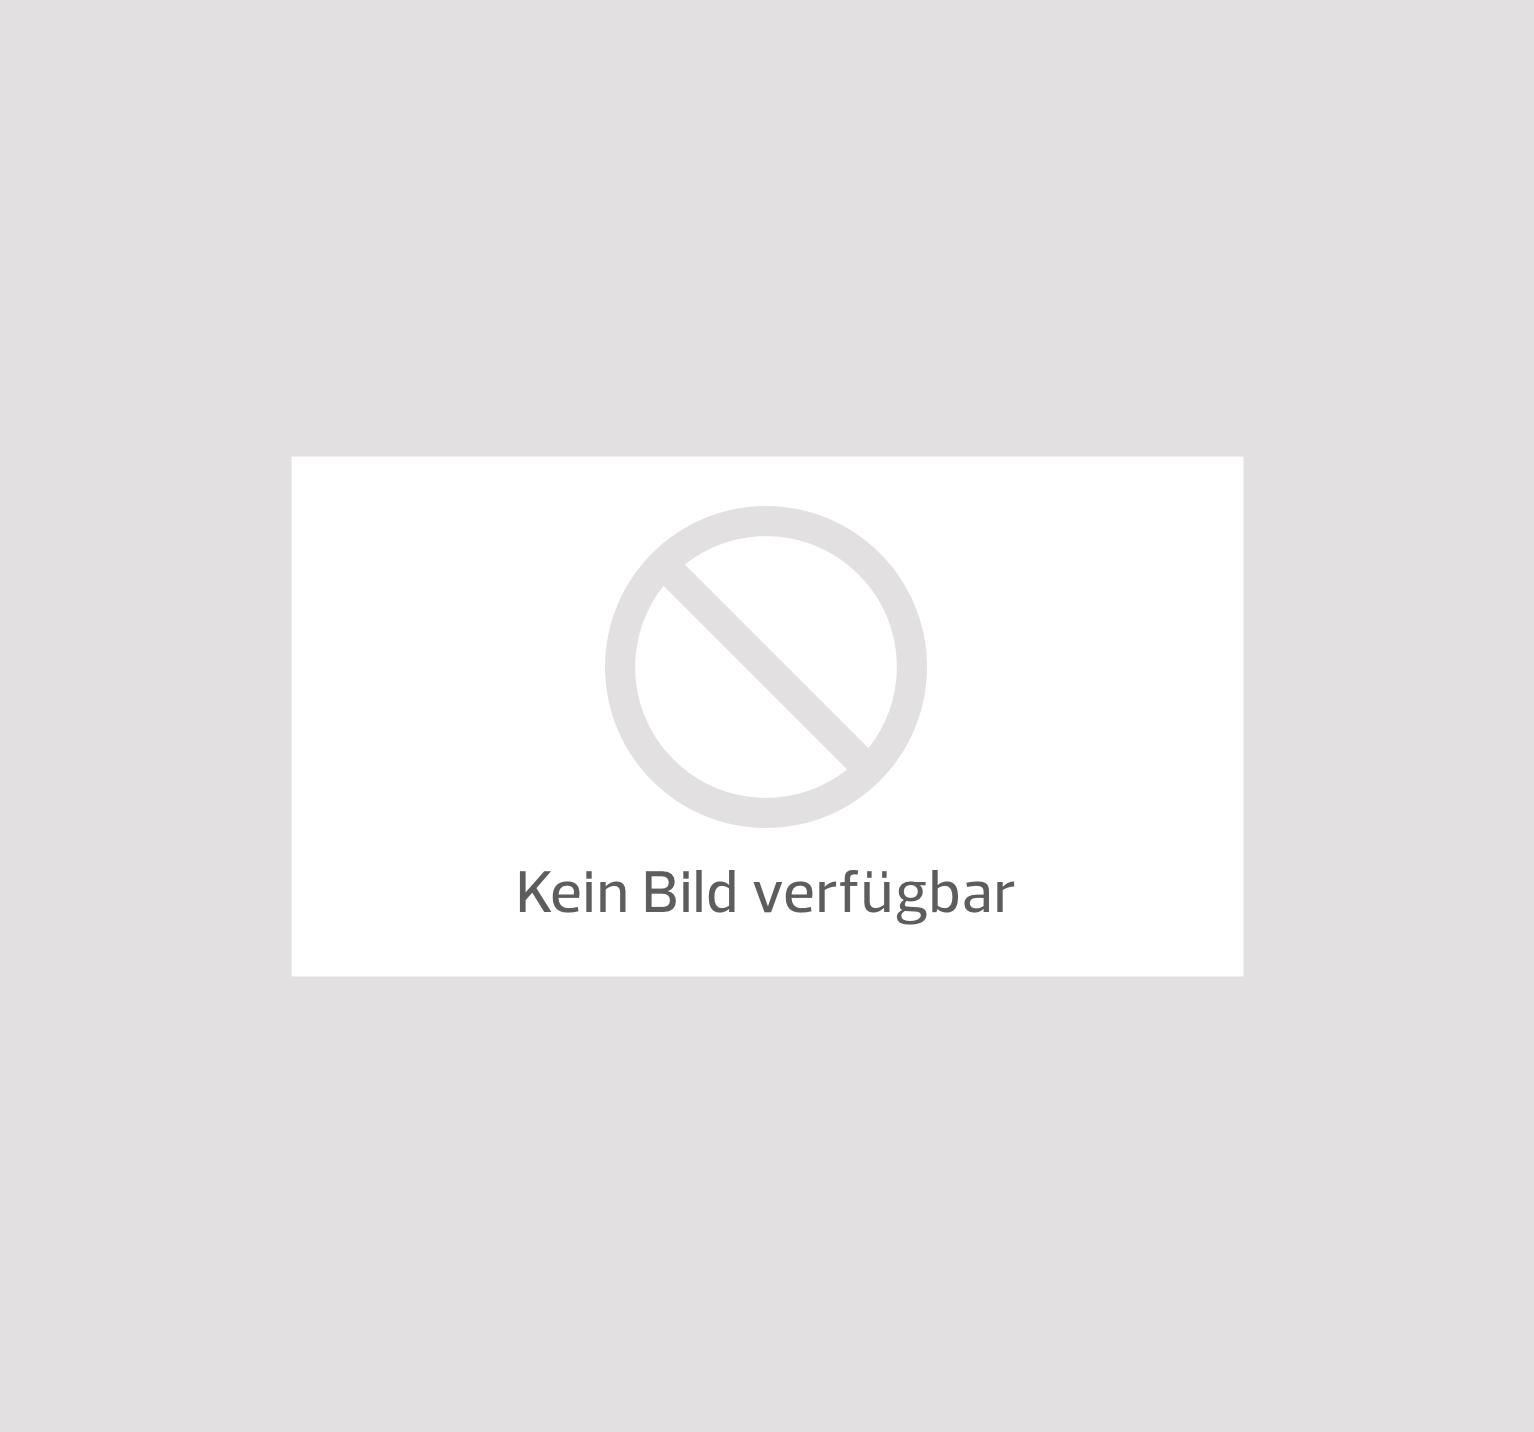 Sterne Hotel Schillingshof Bad Kohlgrub